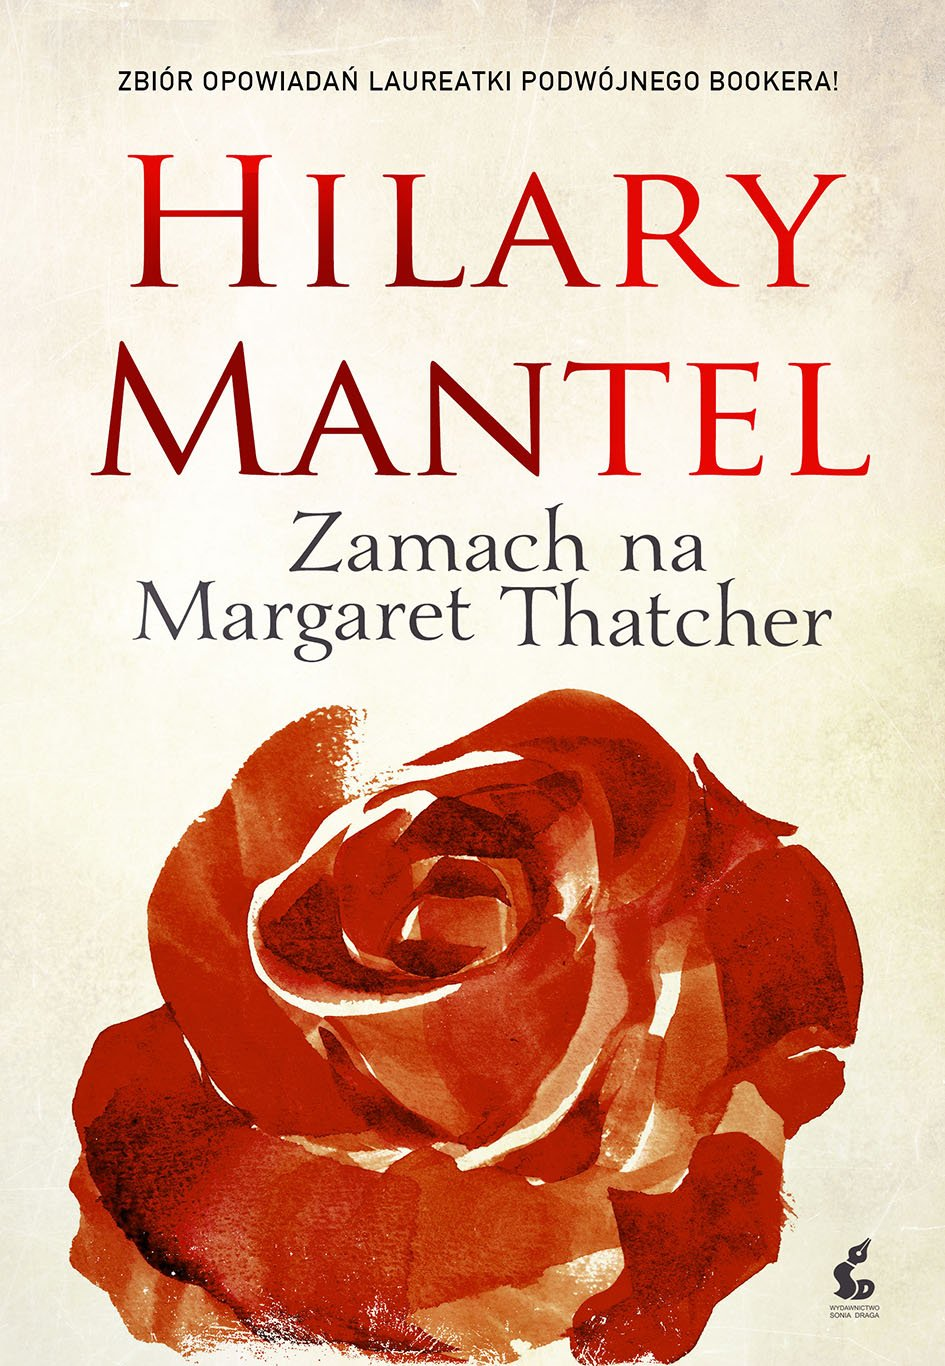 Zamach na Margaret Thatcher - Ebook (Książka na Kindle) do pobrania w formacie MOBI